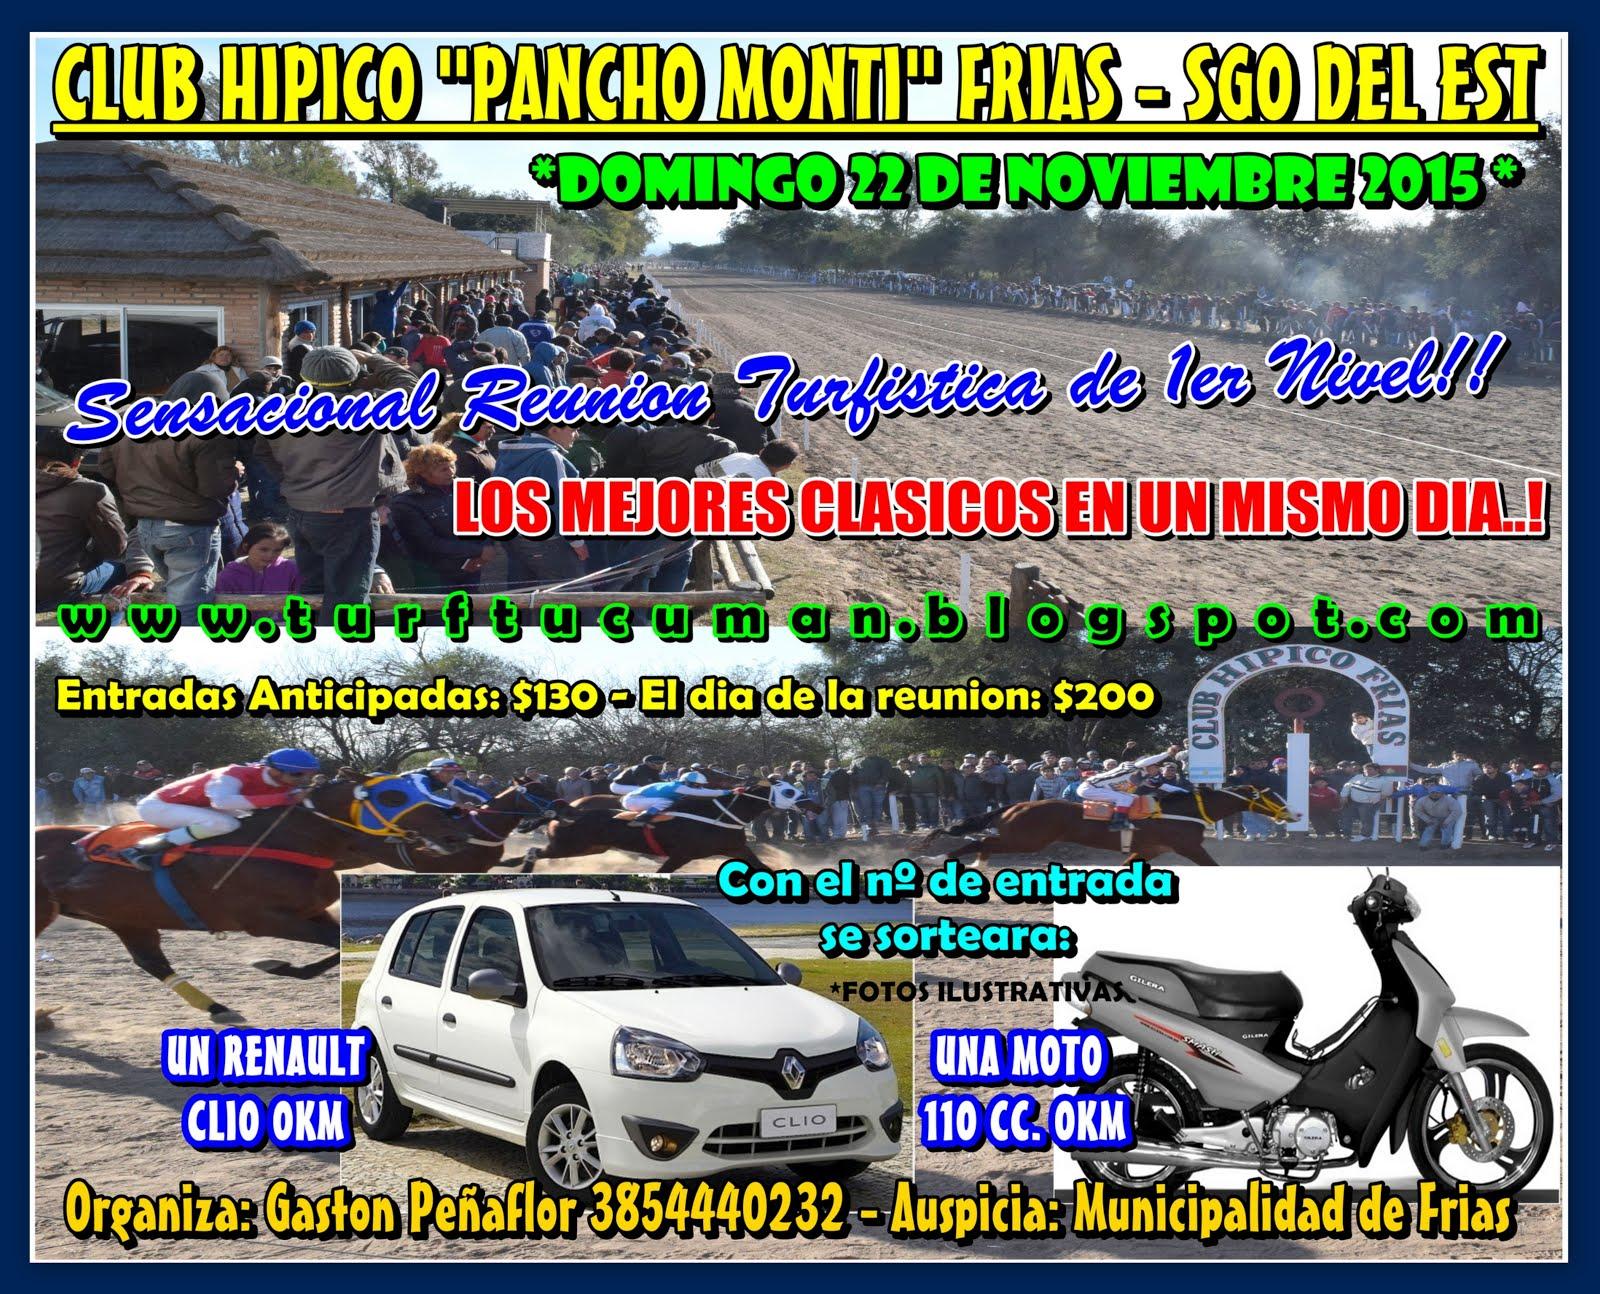 LLAMADO FRIAS 22 NOV 2015